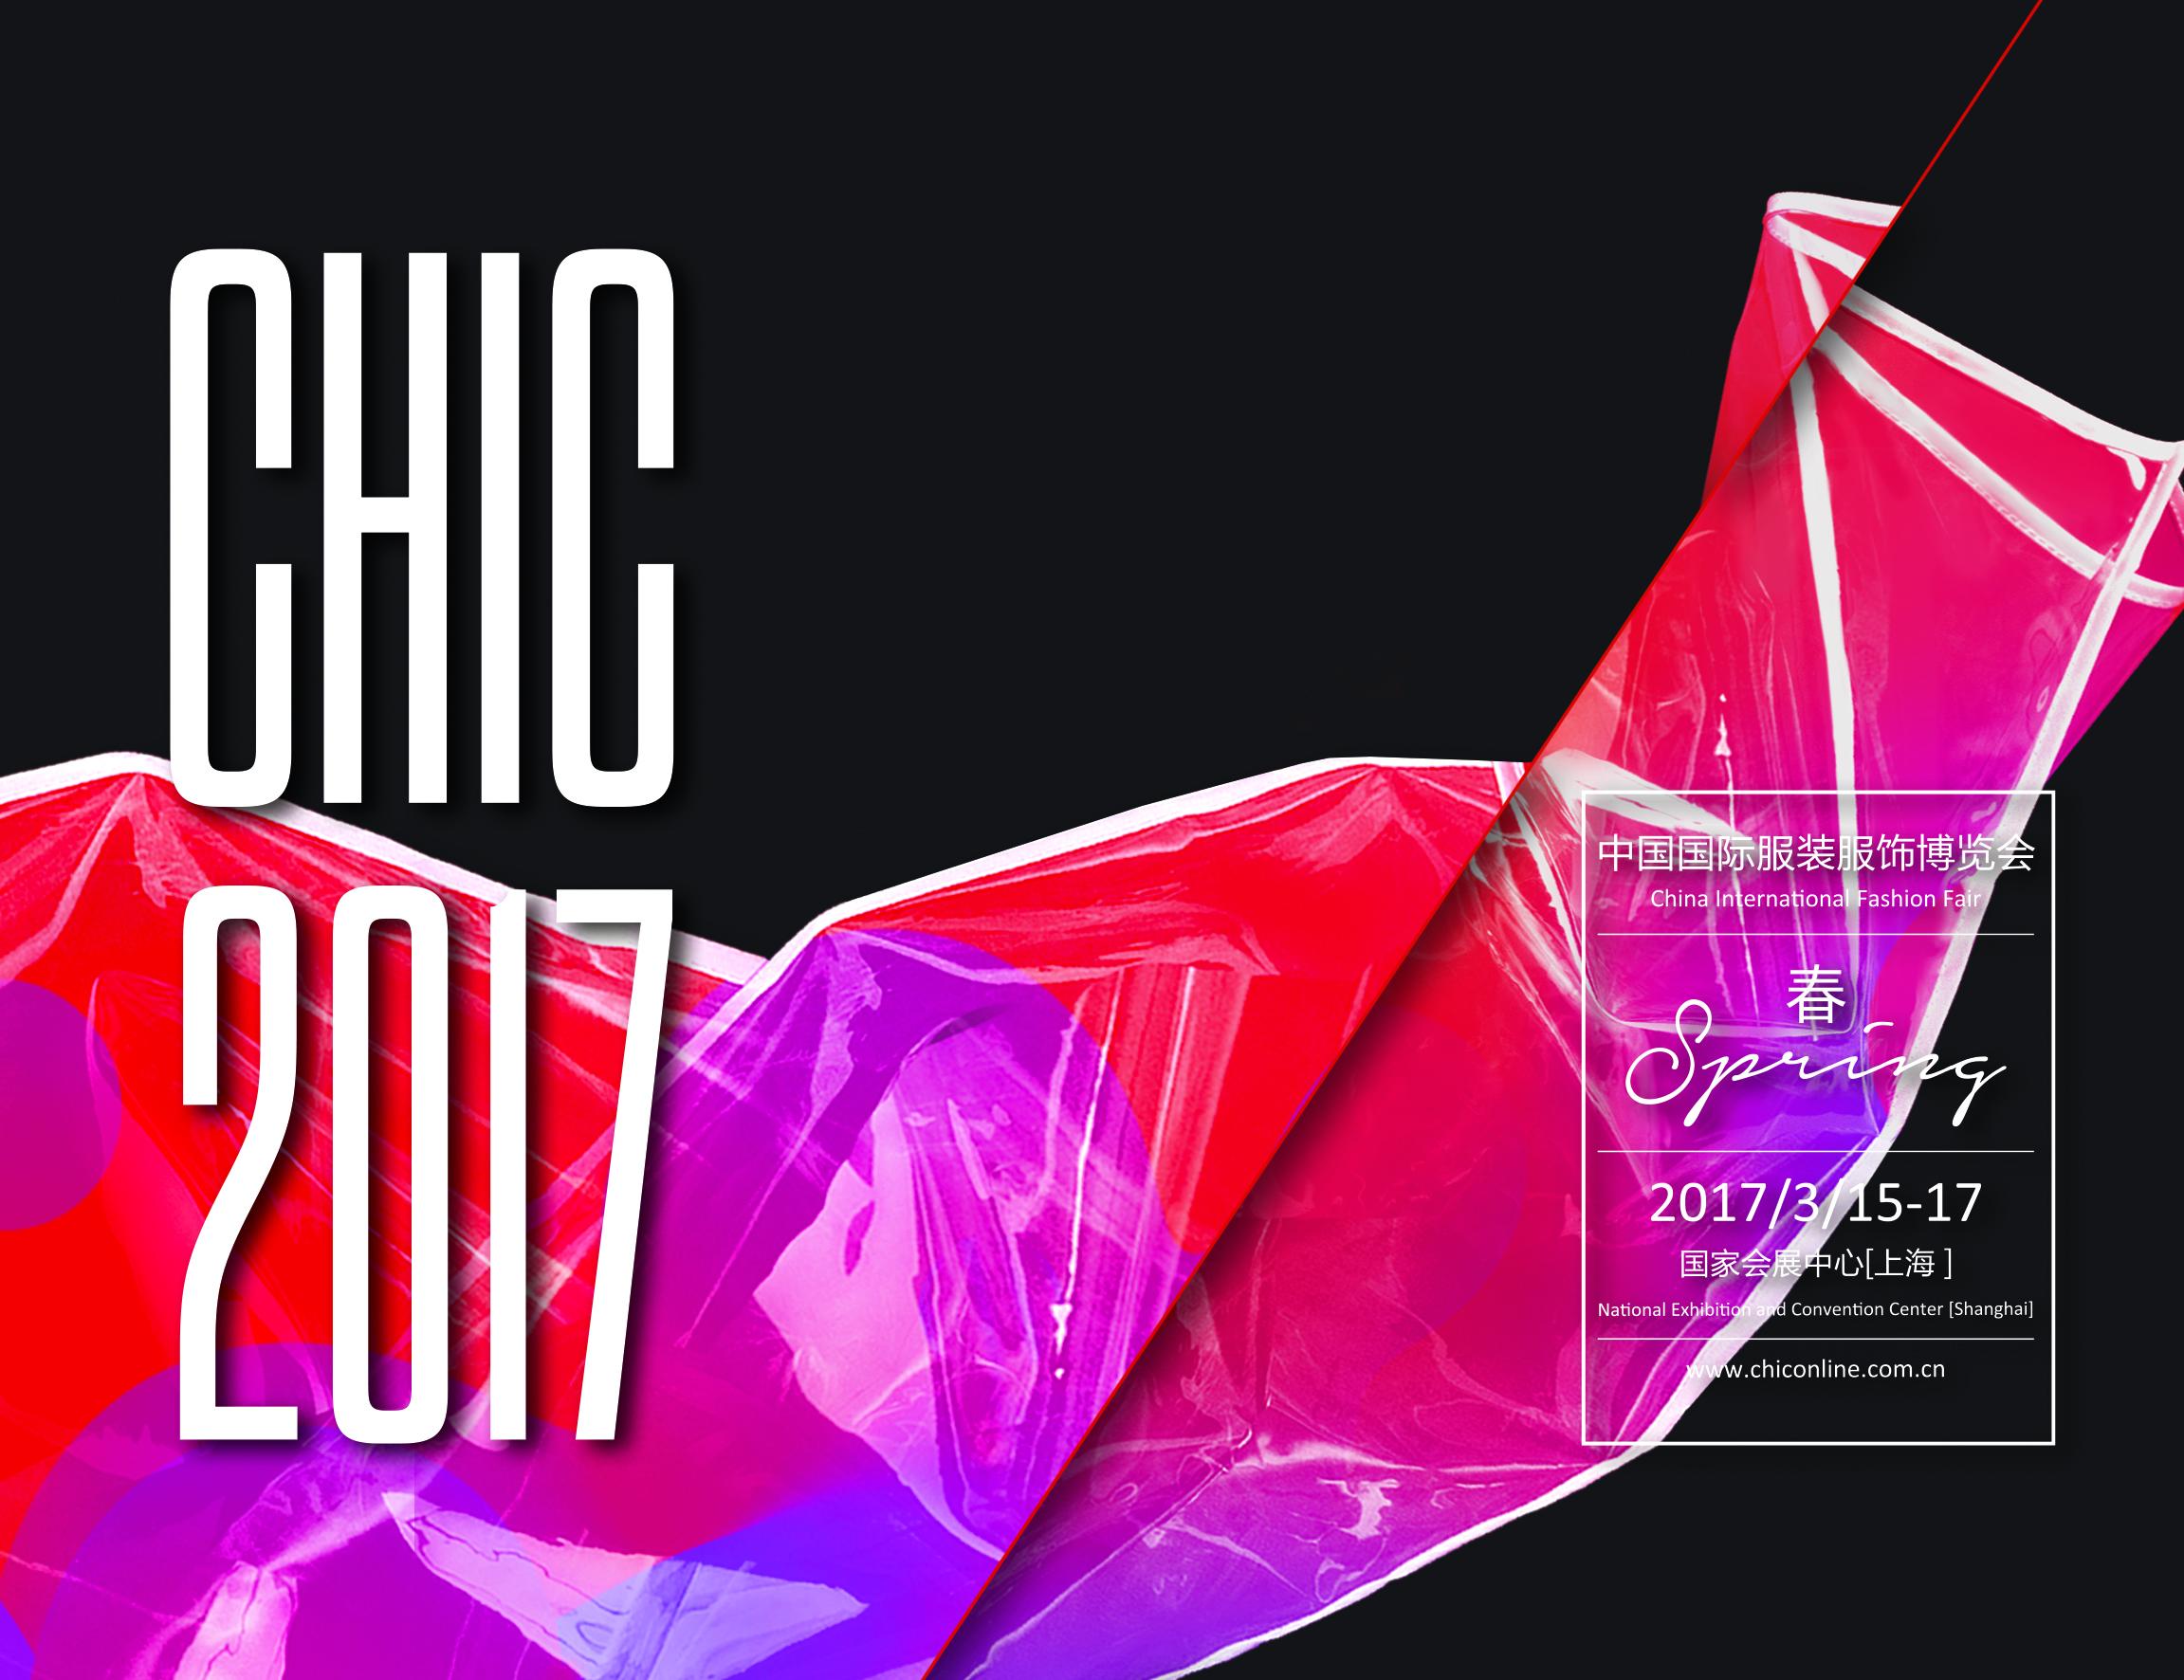 CHIC2017春季展-CHIC